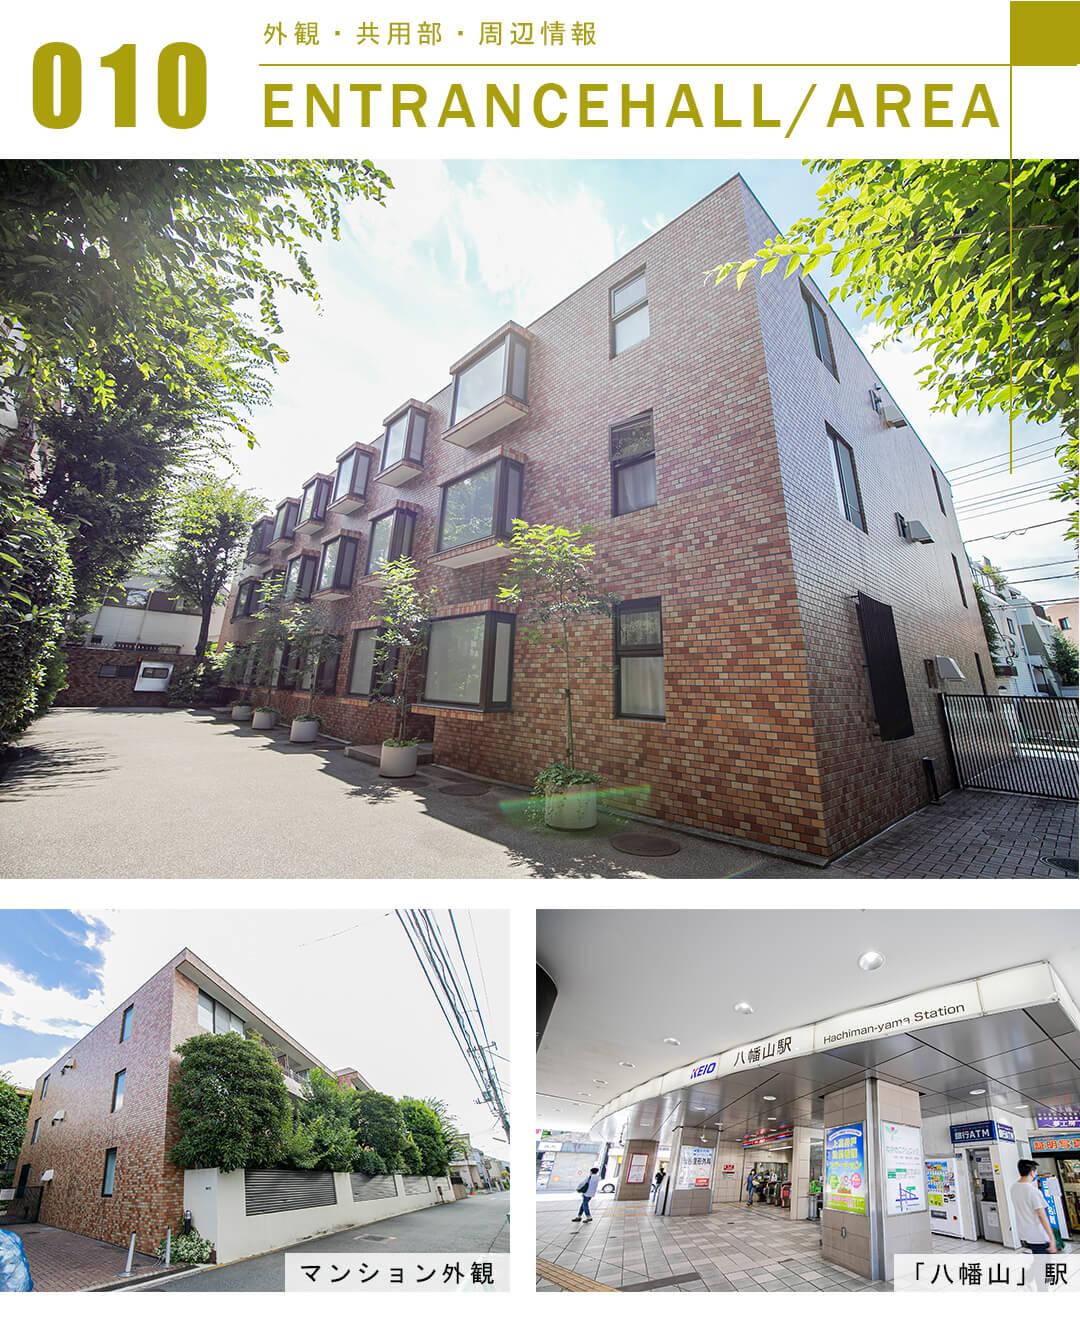 上北沢テラスA棟の外観と周辺情報